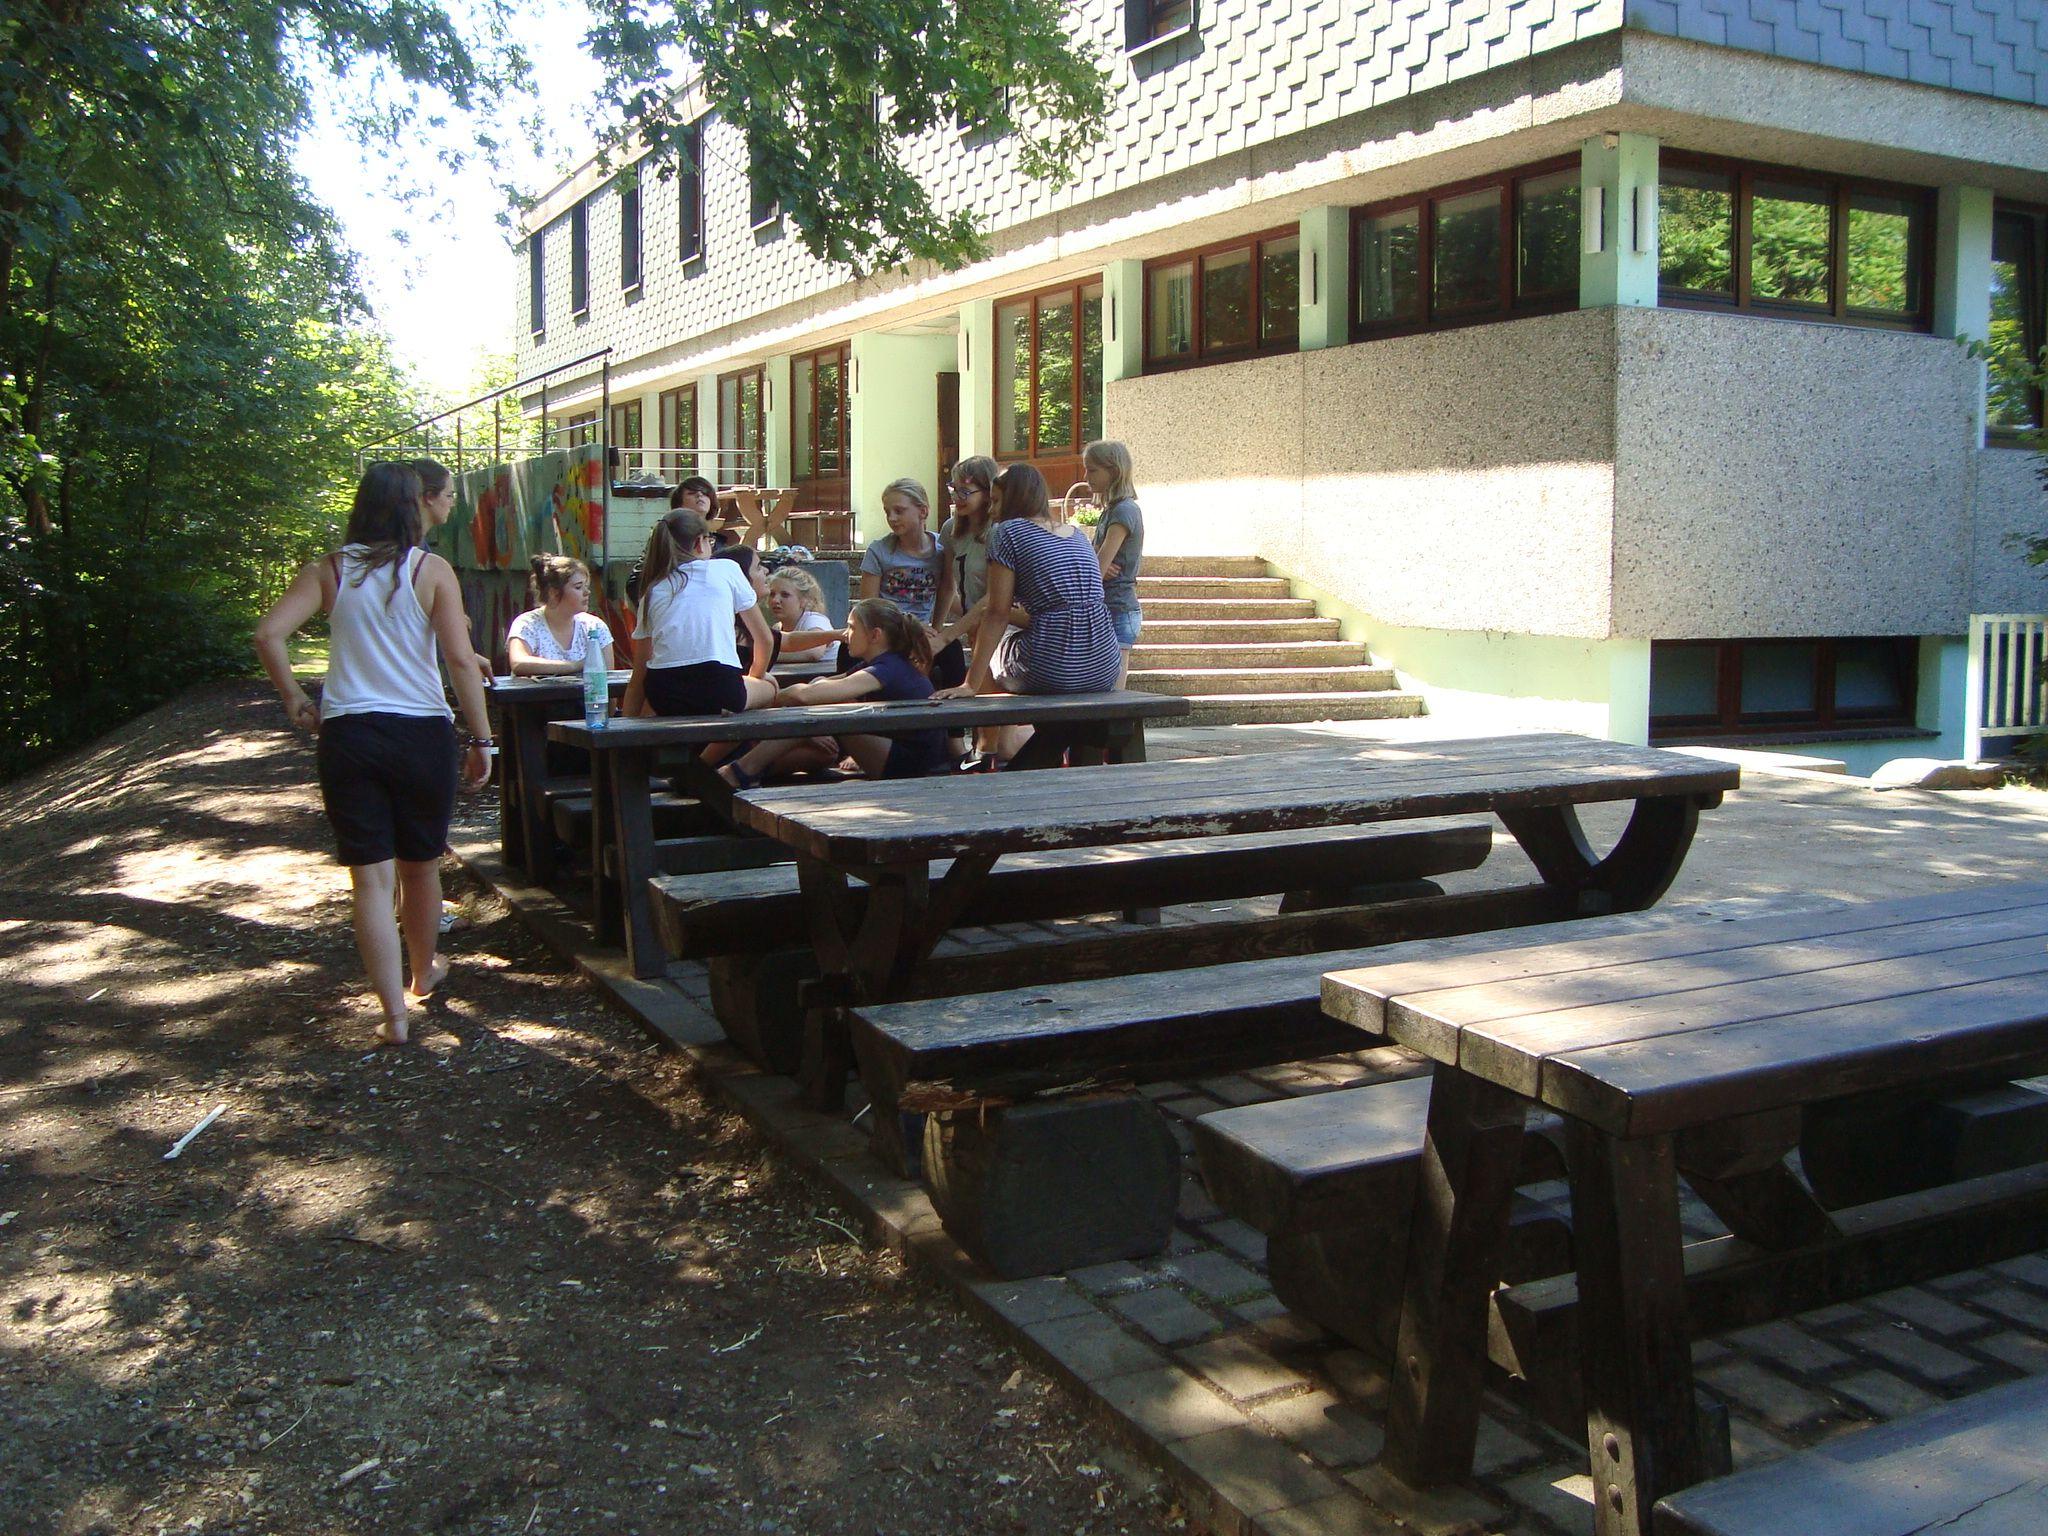 Jugendherberge Lindlar: Grillplatz + Sitzmöglichkeiten